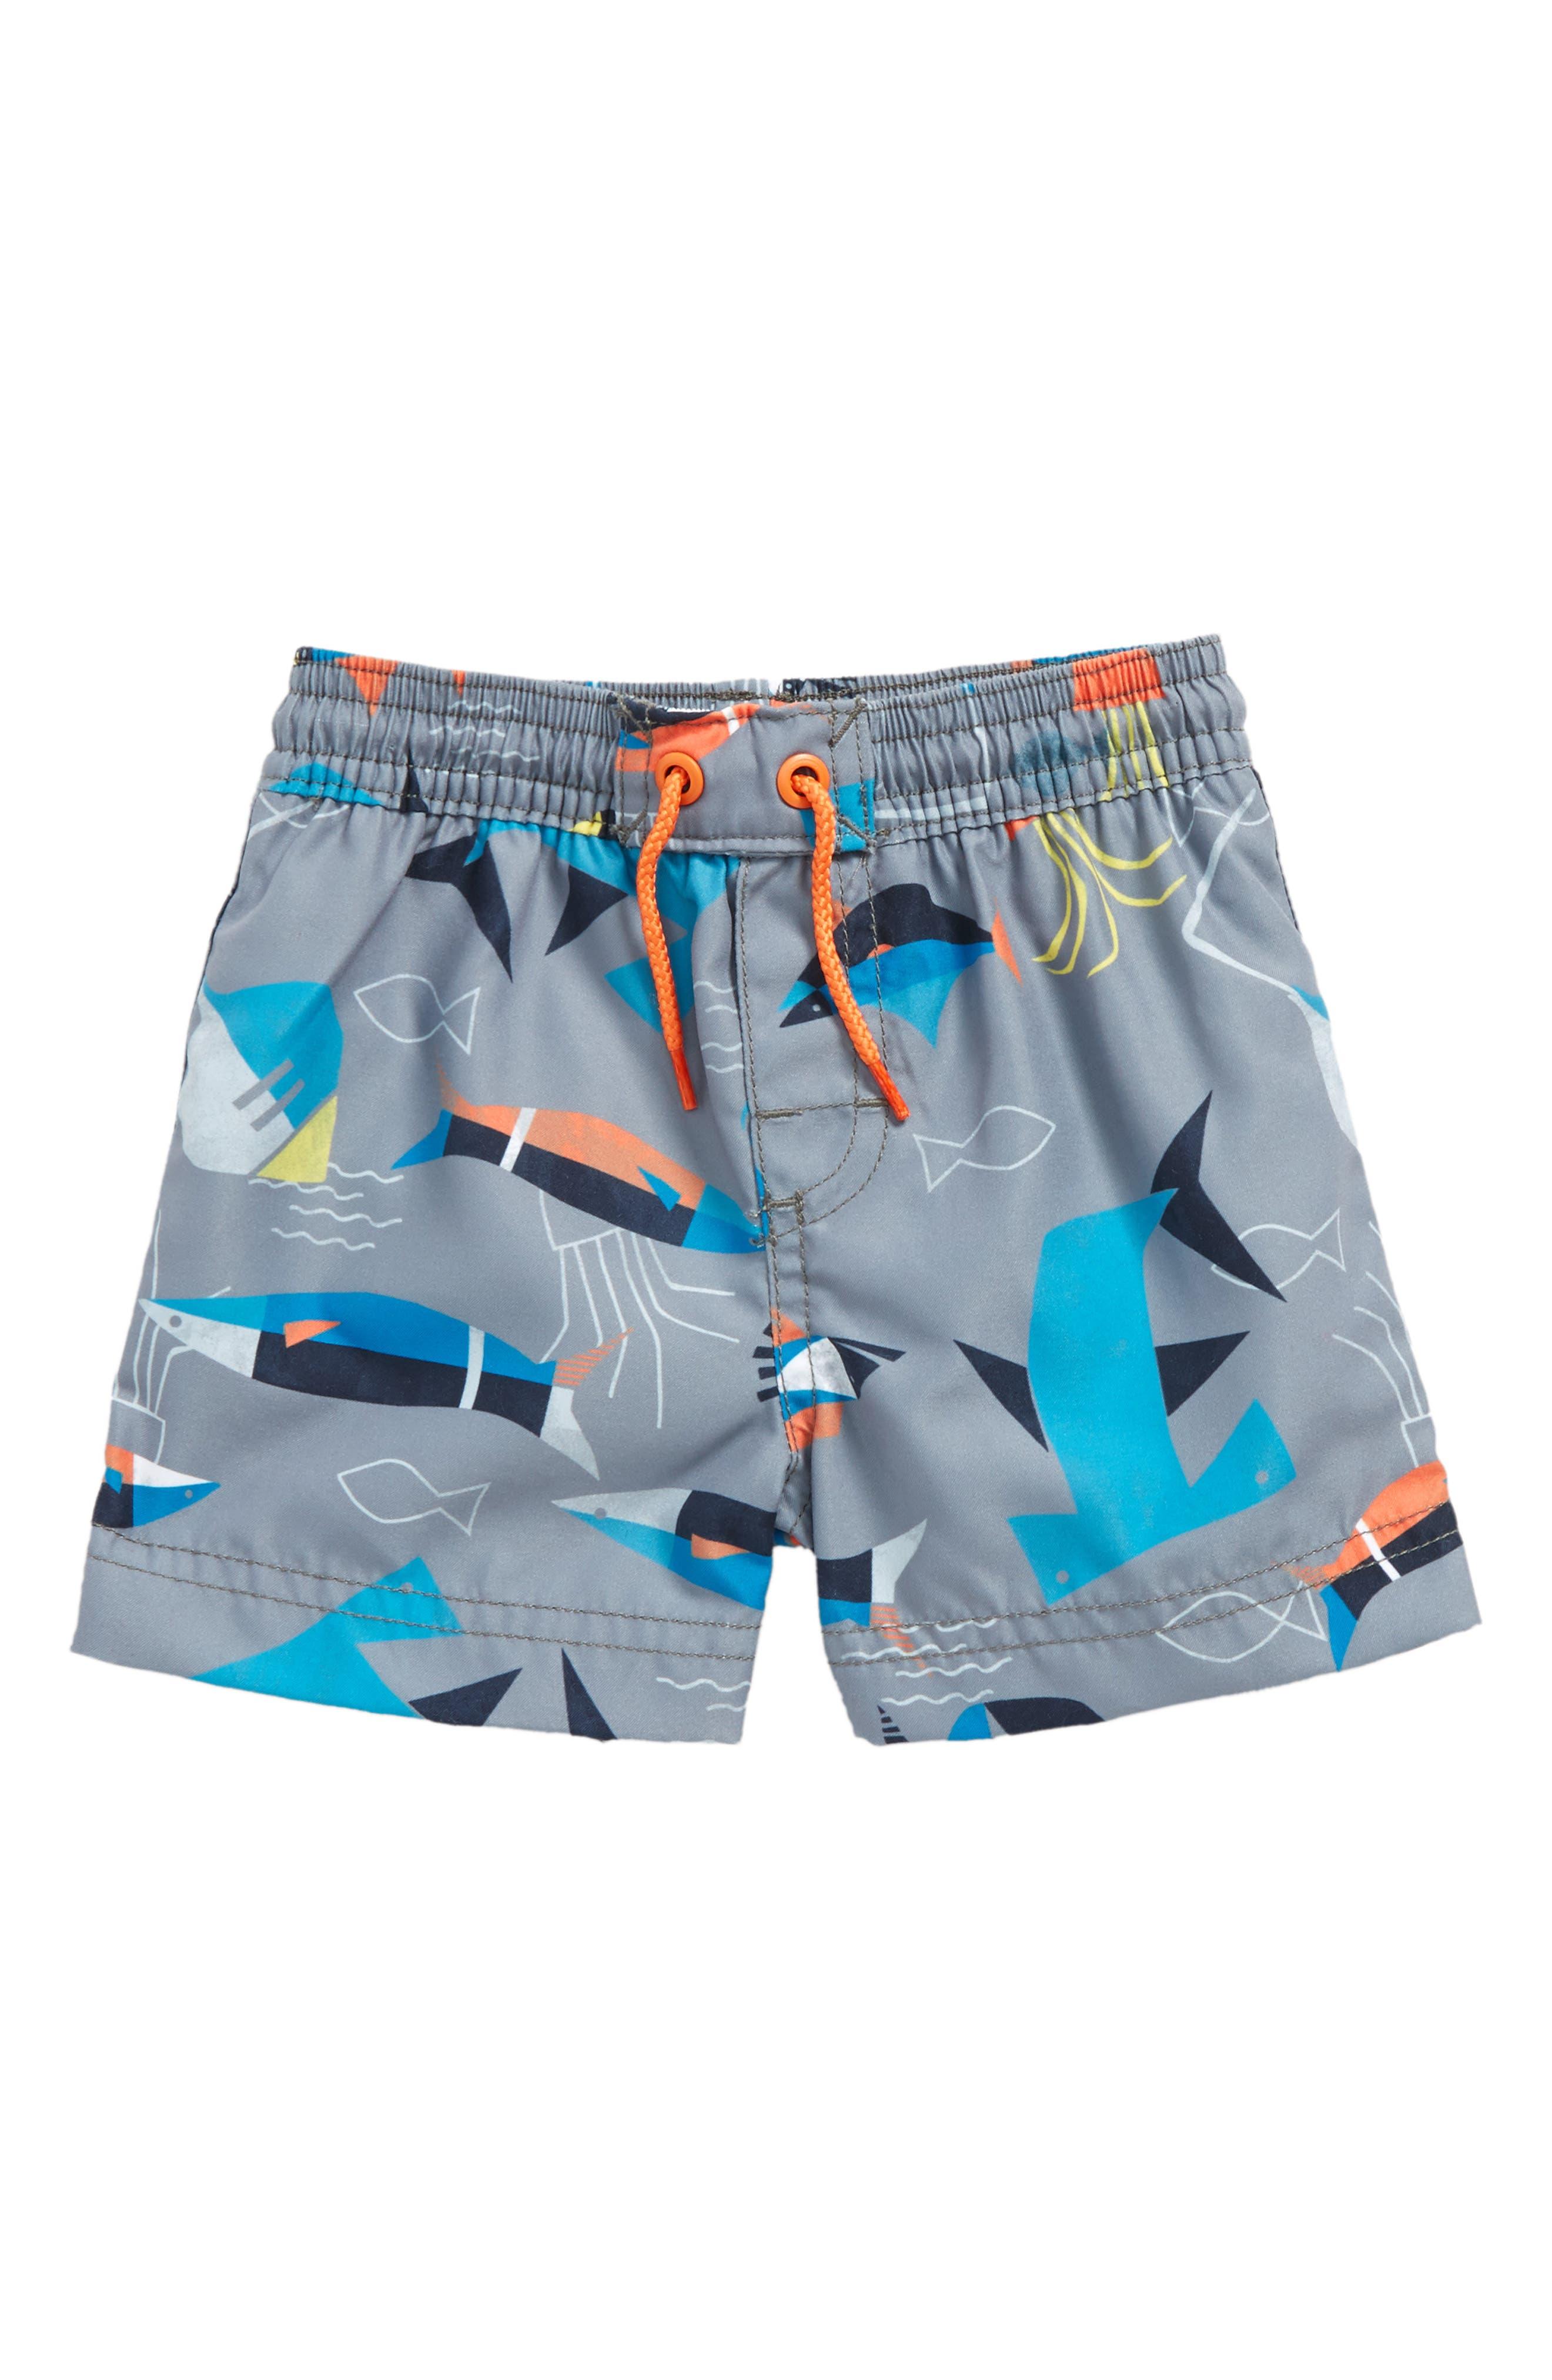 Salt Water Swim Trunks,                         Main,                         color, Raincloud